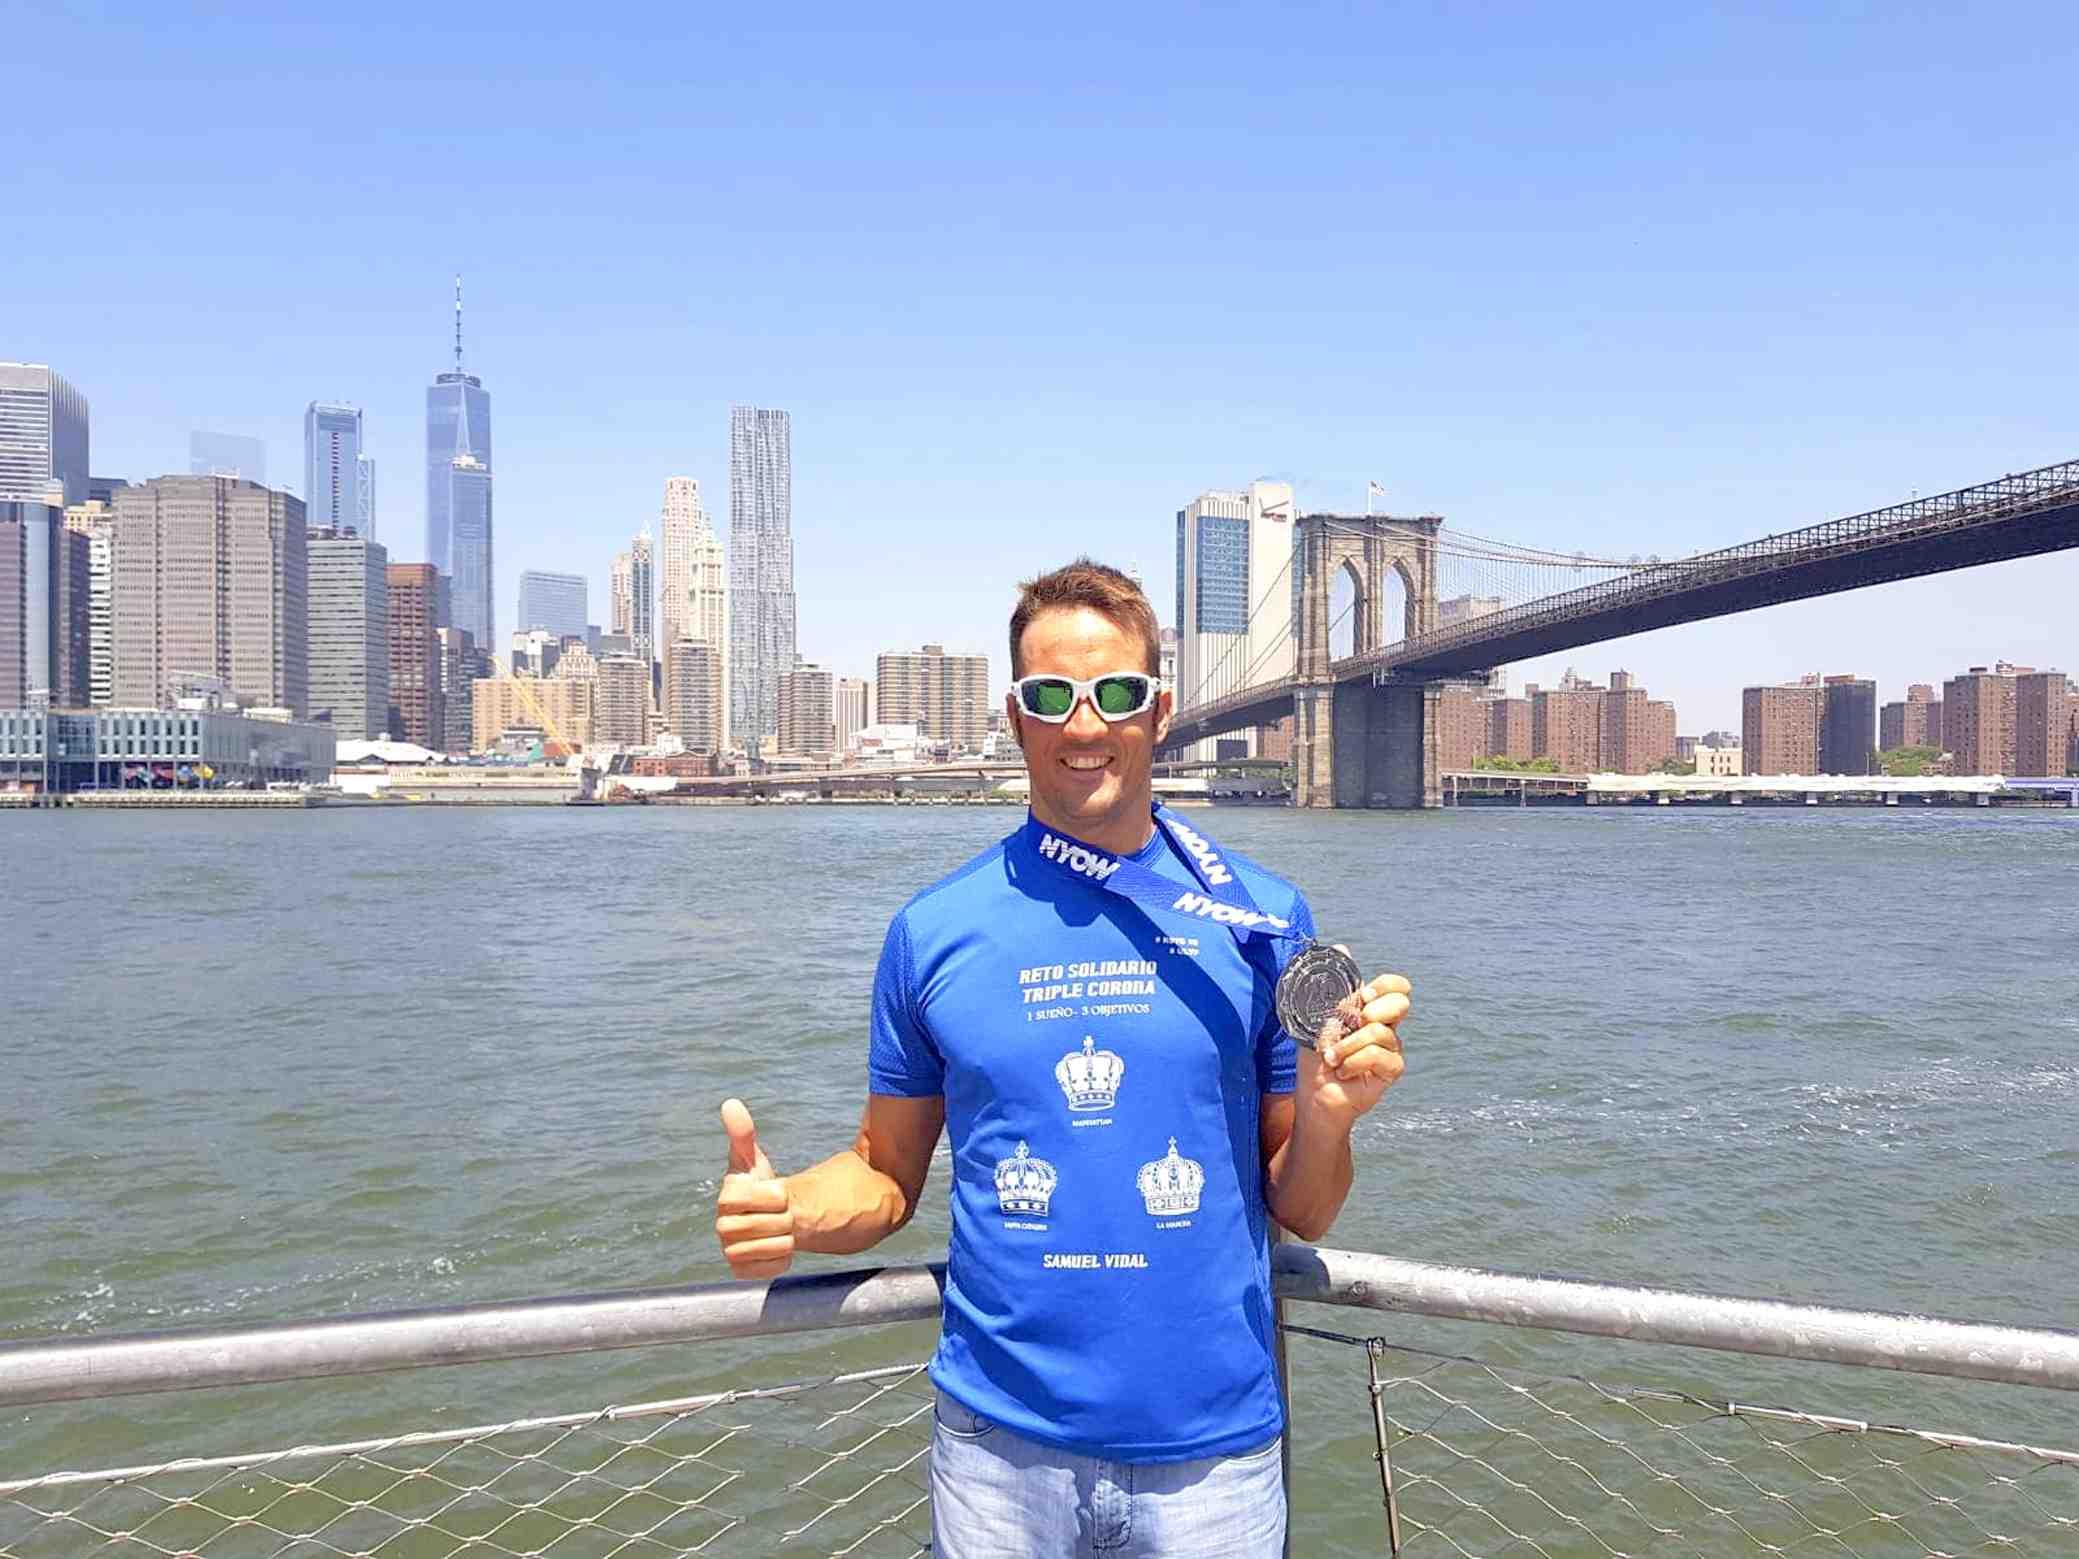 El ibense Samuel Vidal logra el cuarto puesto en la Vuelta a Nado a la isla de Manhattan